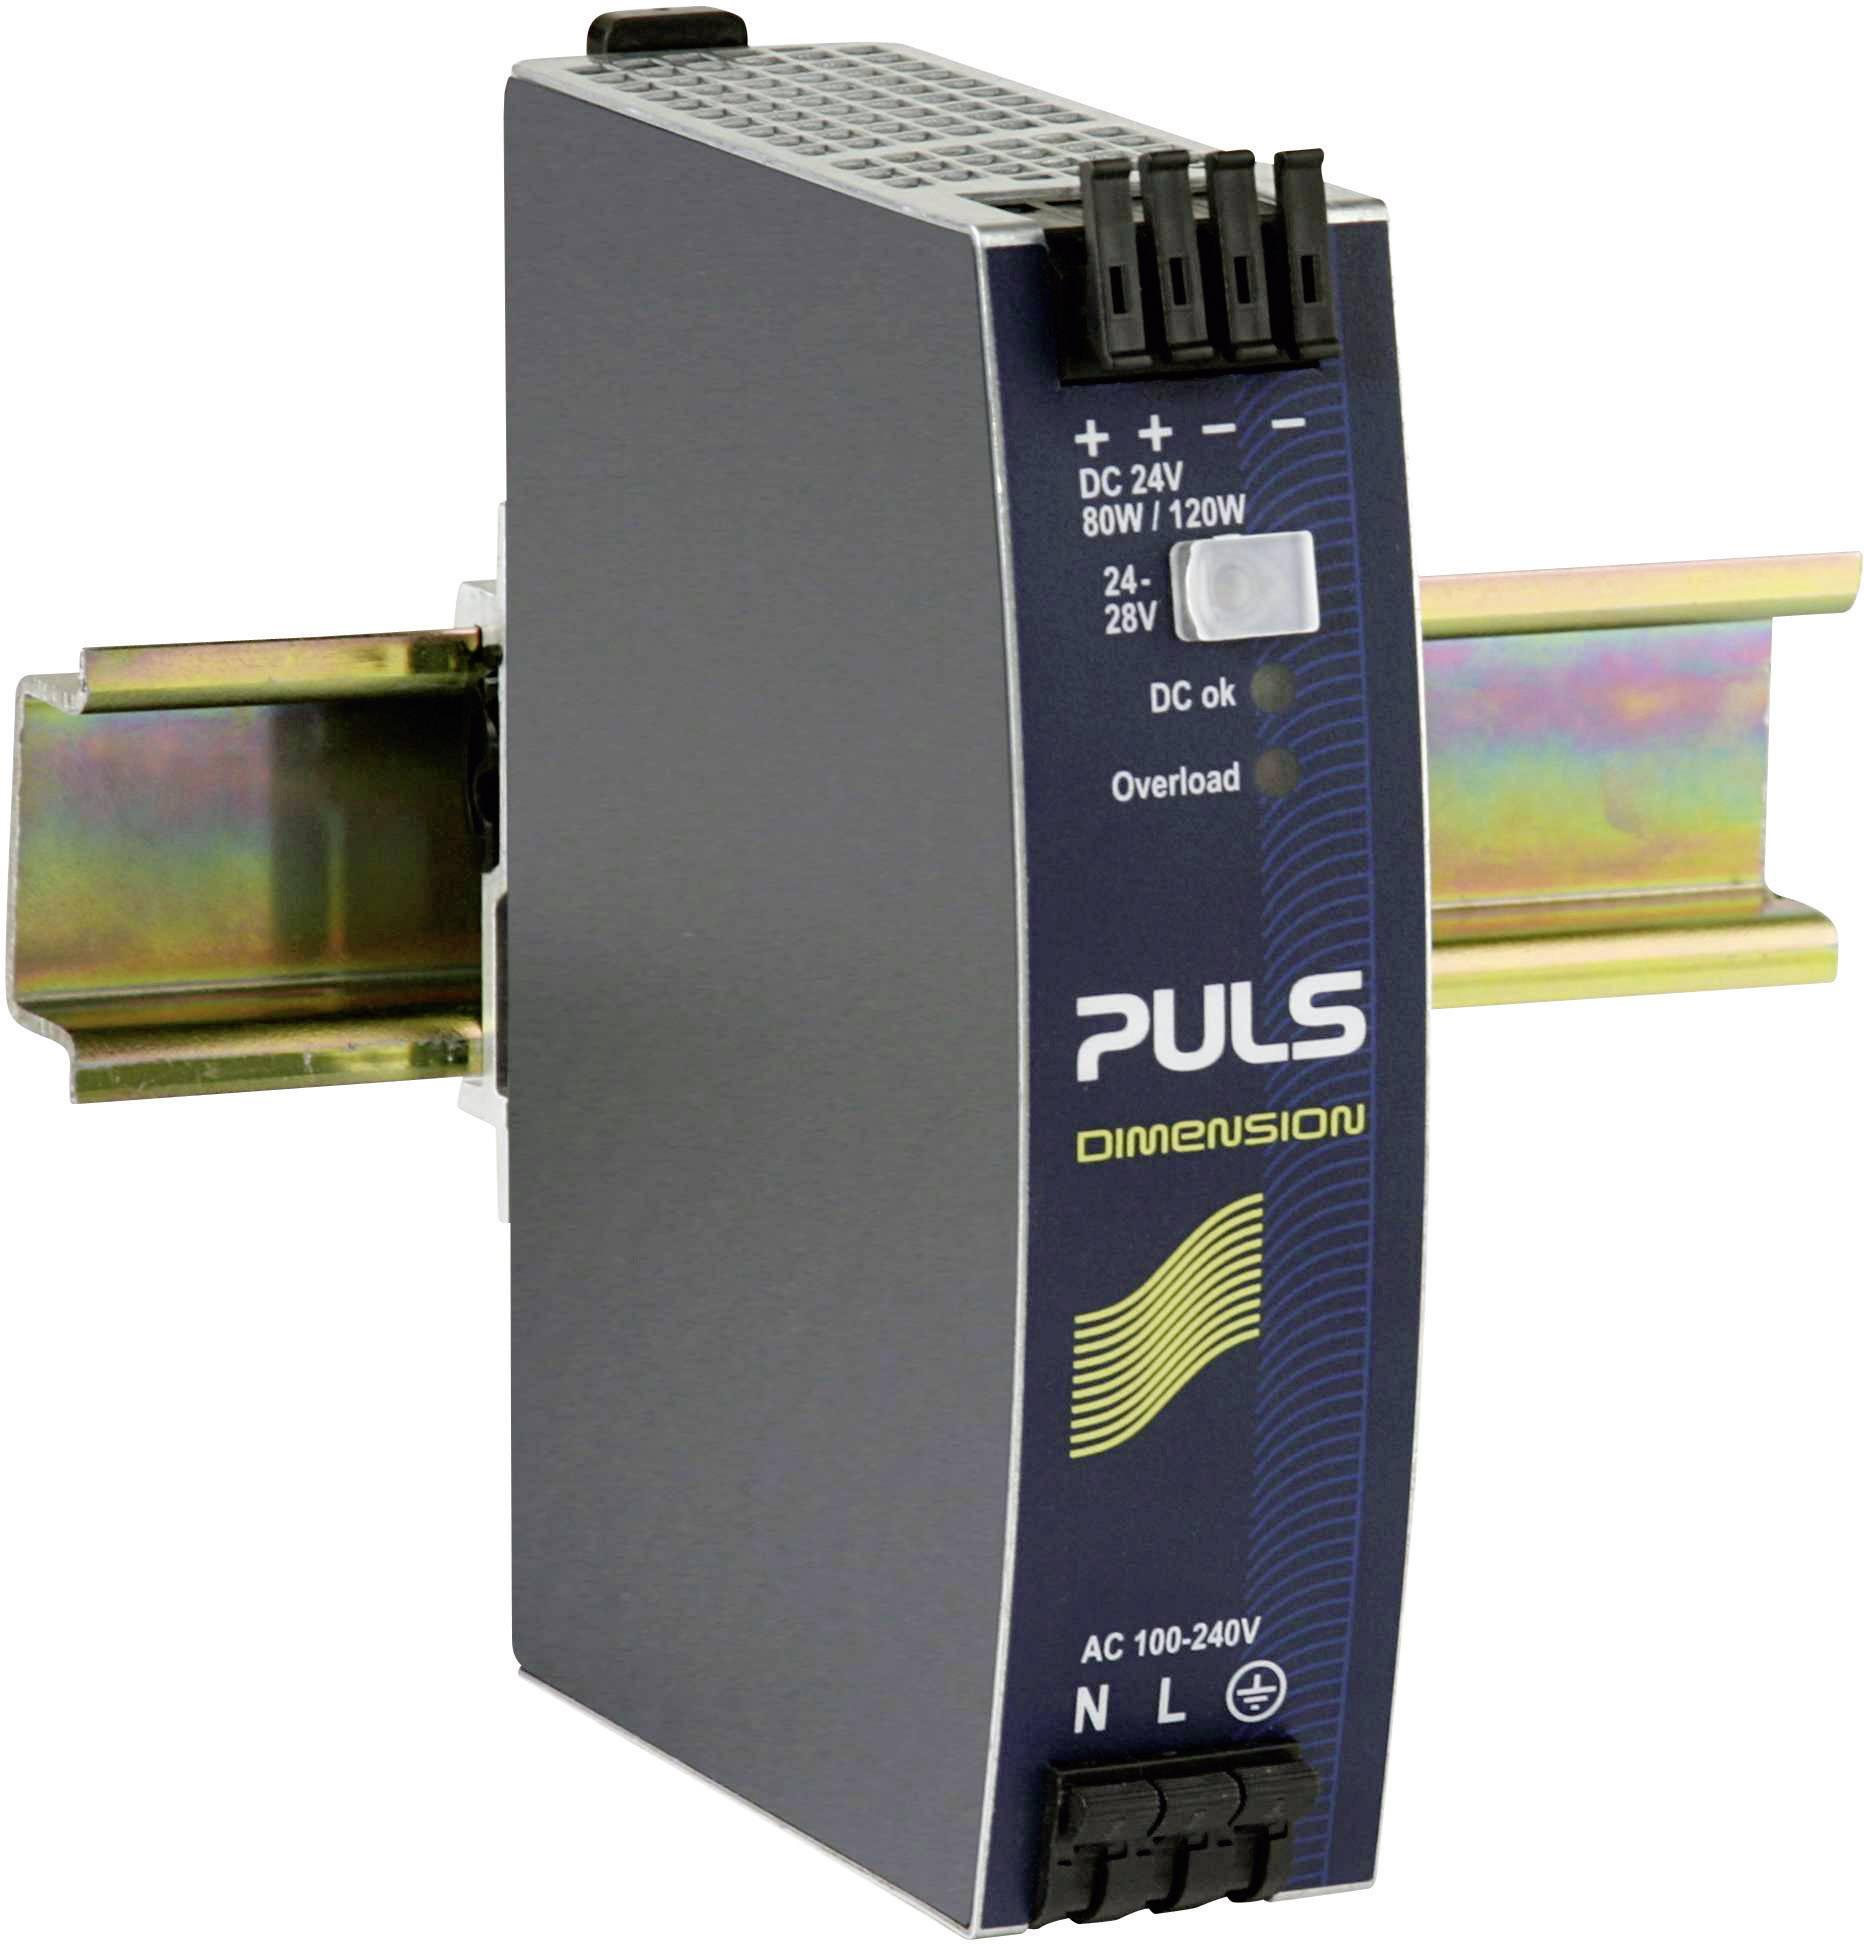 Sieťový zdroj na montážnu lištu (DIN lištu) PULS DIMENSION QS3.241, 1 x, 24 V/DC, 3.4 A, 80 W